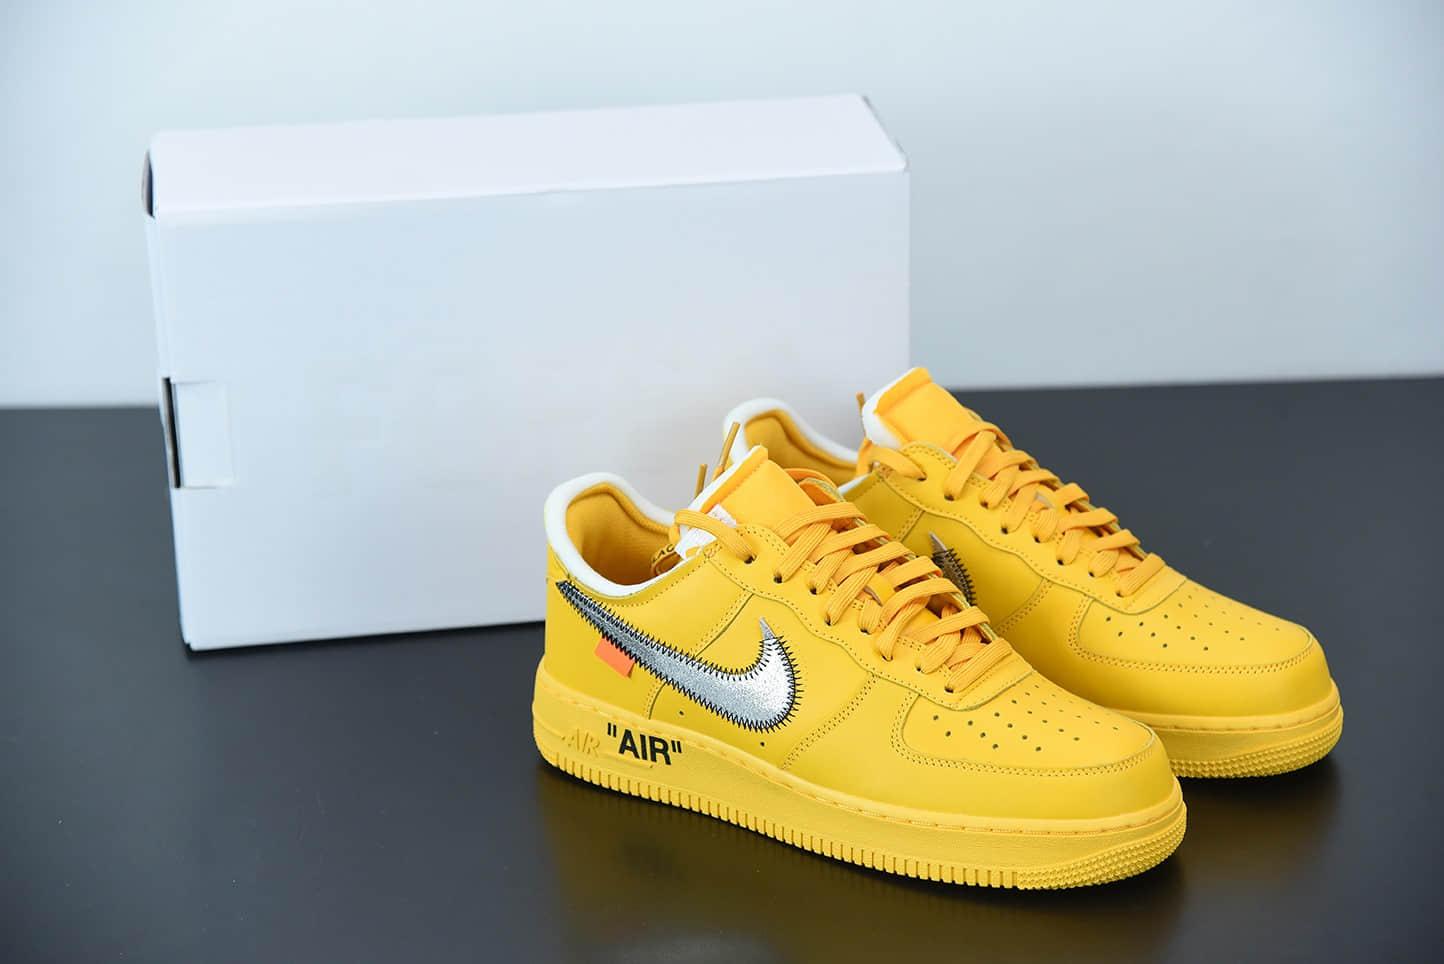 耐克Off-White™ x Nike Air Force 1 Low'07University GoldMetallic Silver艺术馆黄色空军一号经典低帮百搭休闲运动板鞋纯原版本 货号:DD1876-700